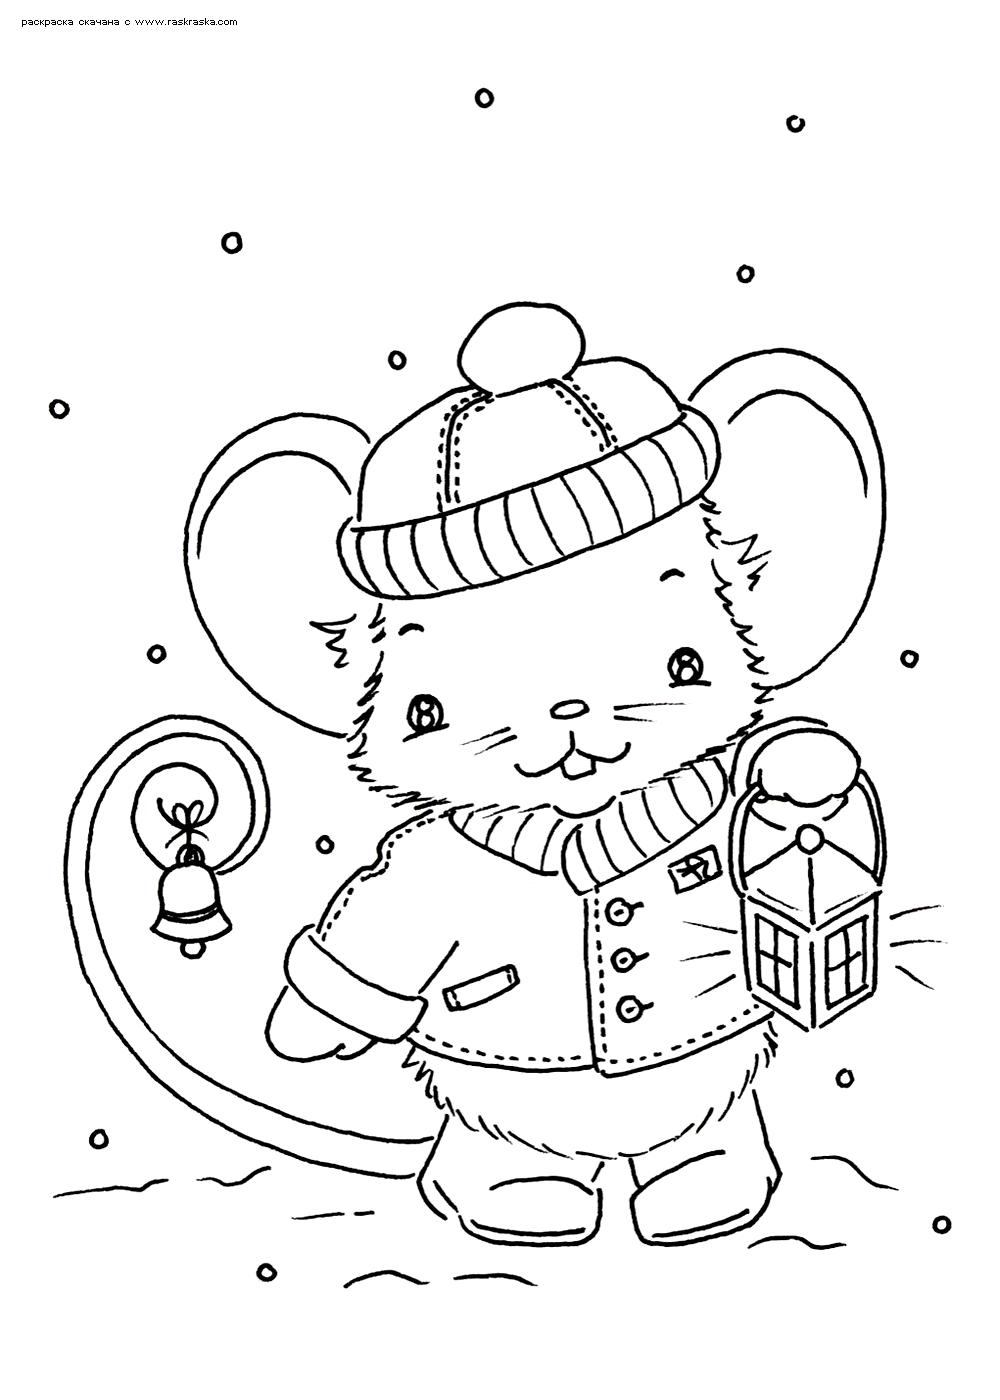 Раскраска Новогодний мышонок. Раскраска мышь, крыса